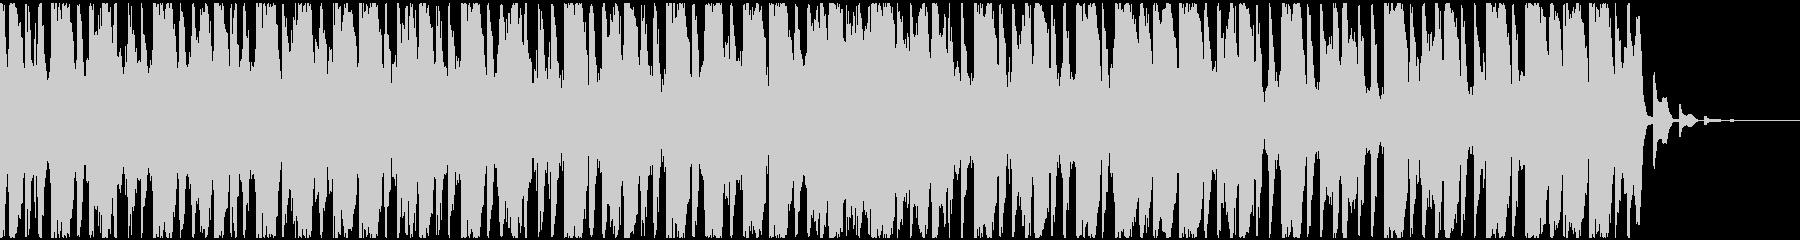 【EDM】トランス、ジングル3の未再生の波形